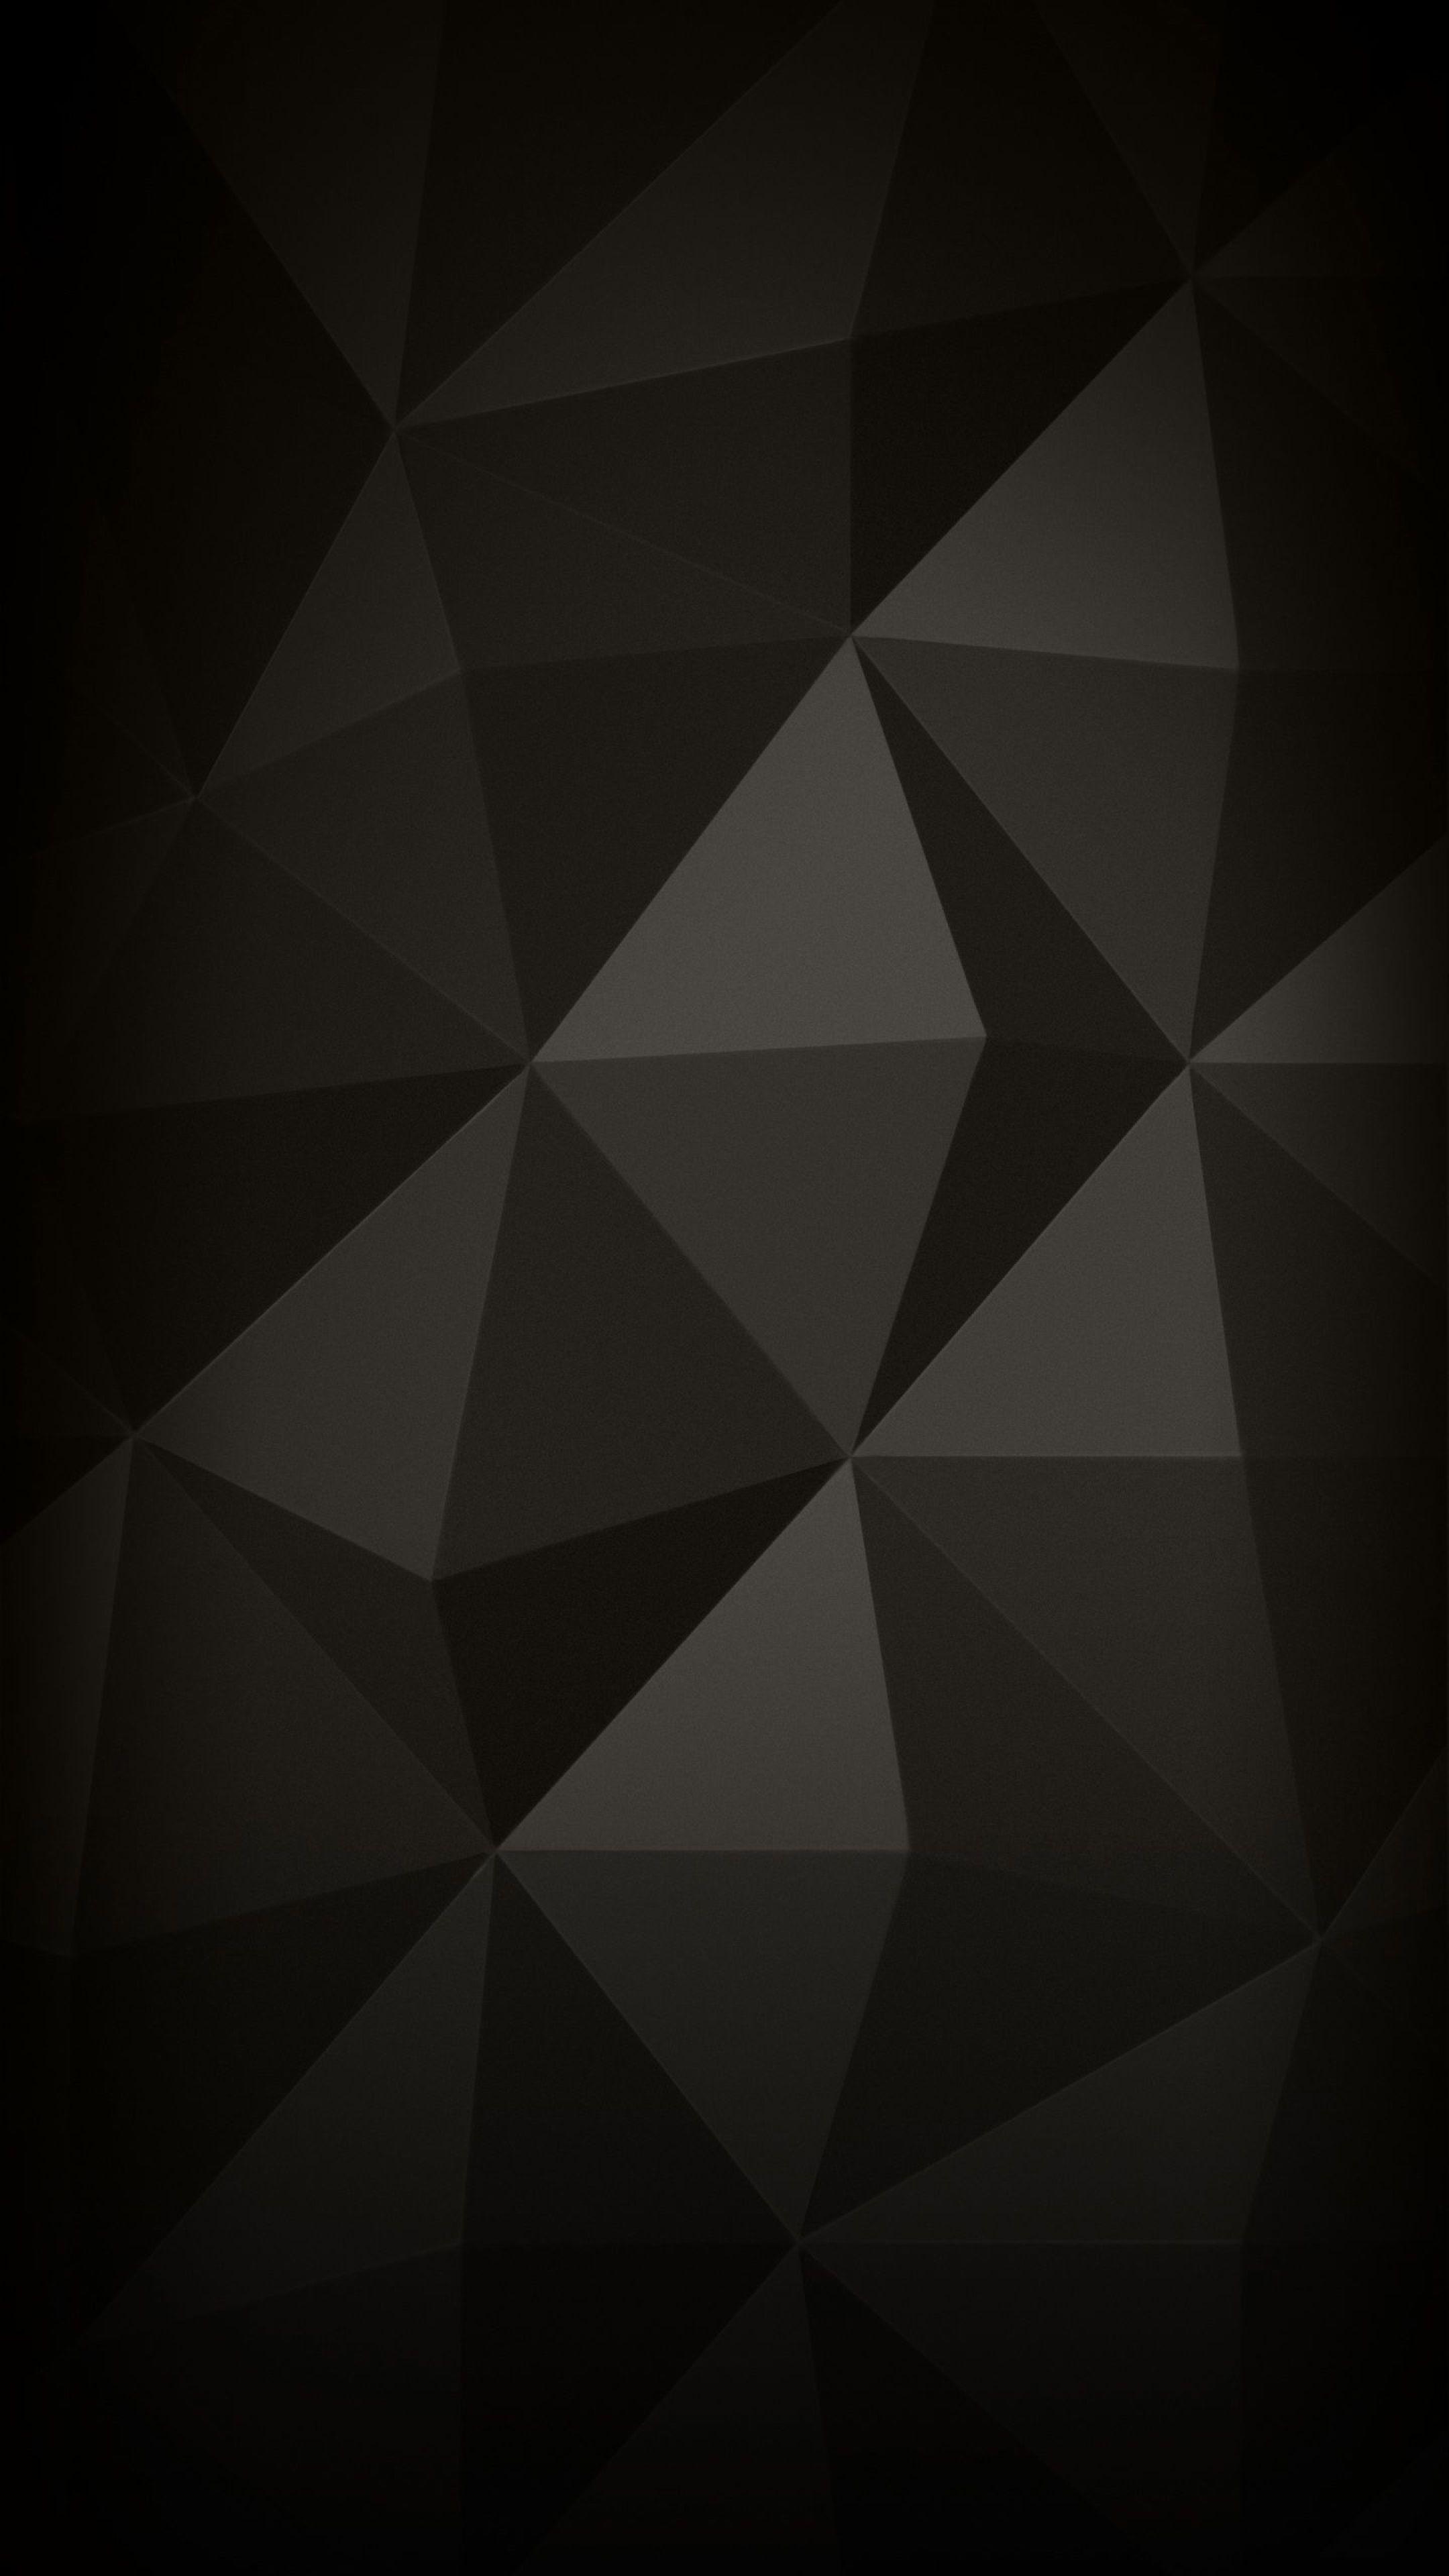 4k Phone Hd Wallpapers Wallpaper Cave